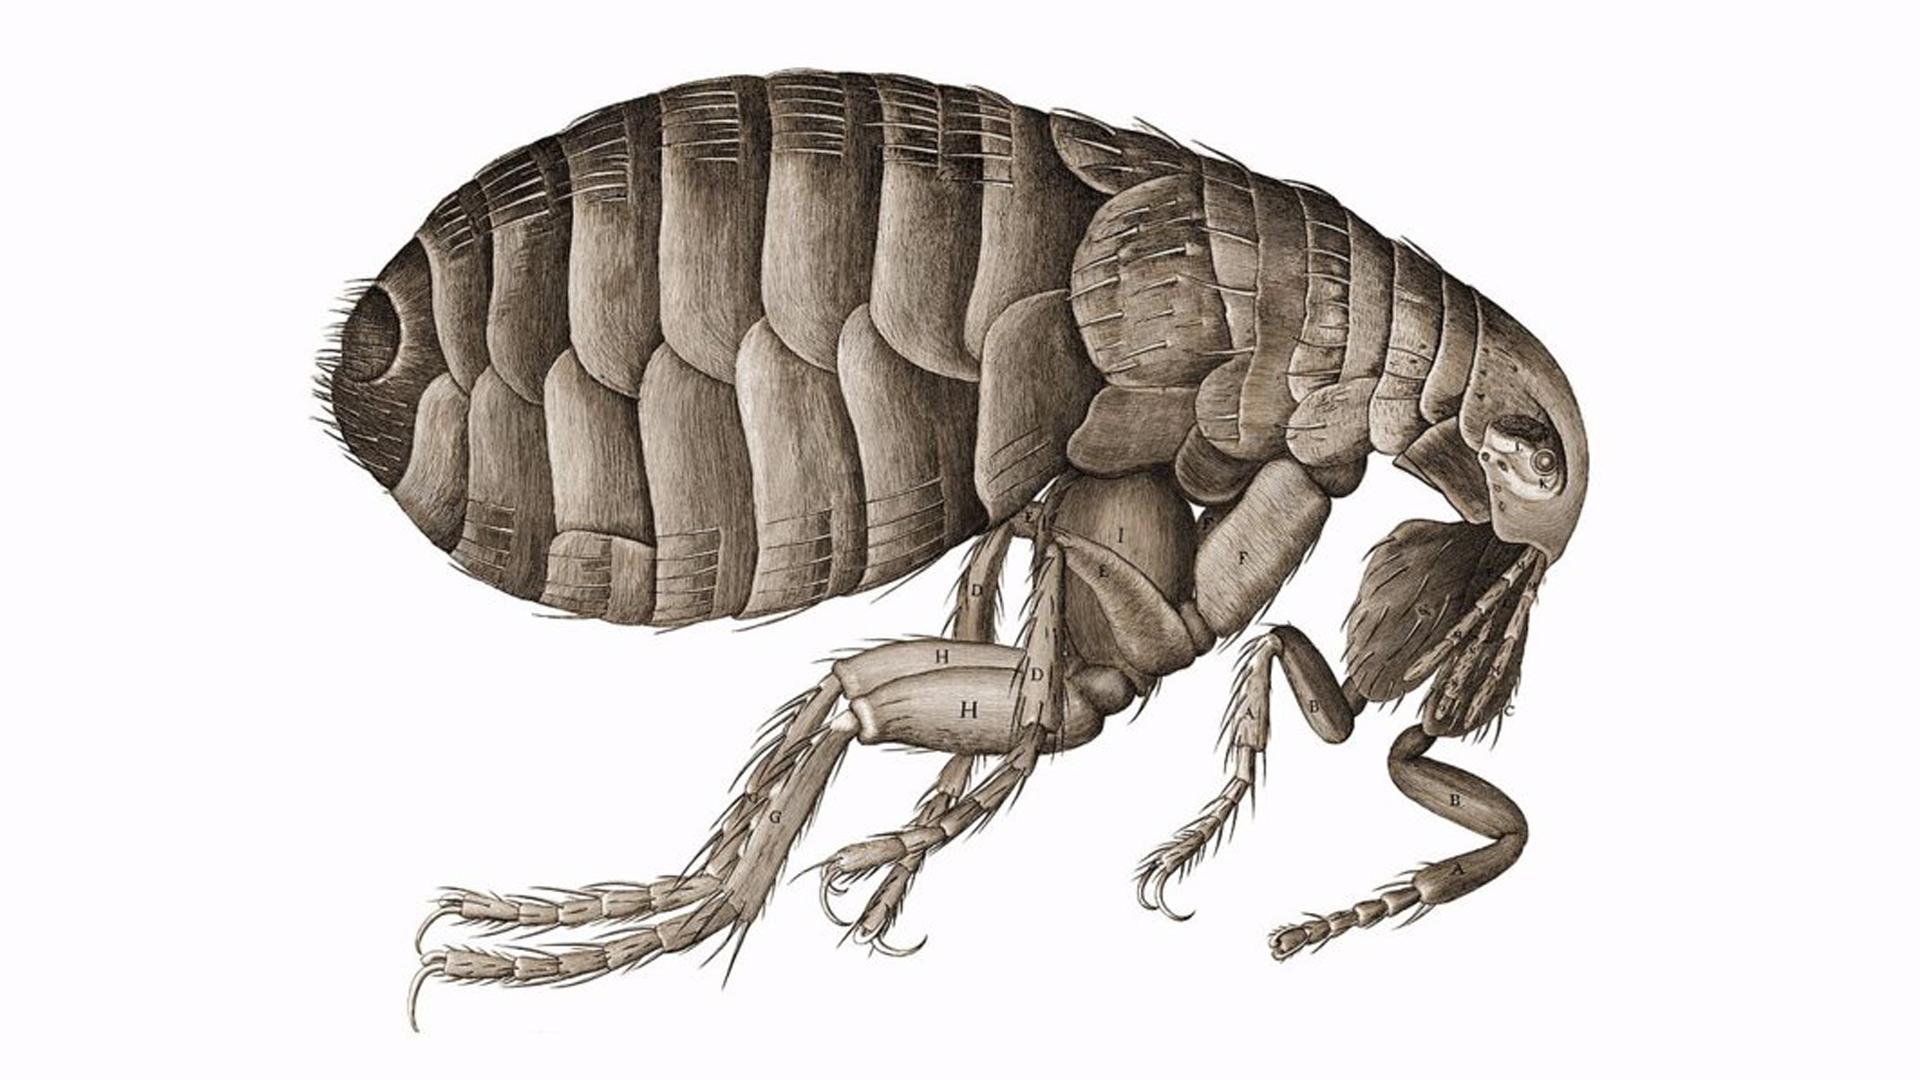 El peligro de la peste bubónica, una de las peores enfermedades del mundo